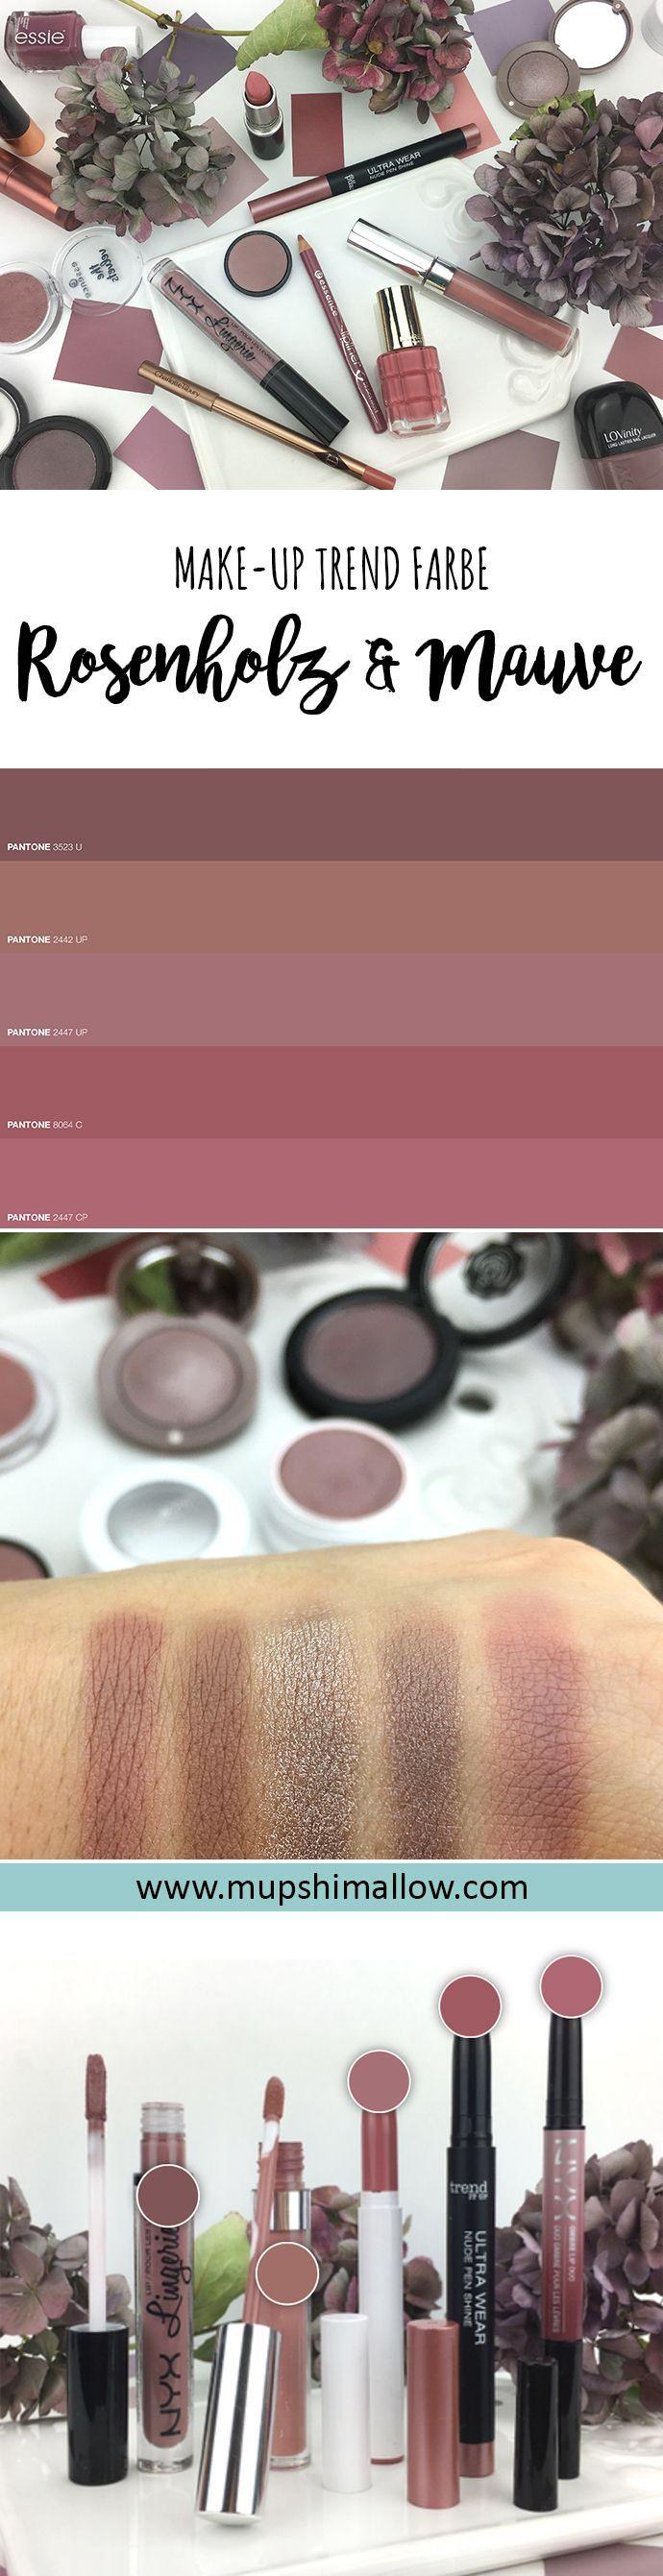 Make up in den Farben Rosenholz und Mauve ist der Trend schlechthin. Klickt hier für verschiedene Produkt Vorstellungen in der Farbe Rosenholz, Mauve und Taupe. Vom Lippenstift über Nagellack, Lidschatten bis hin zu Lipliner.